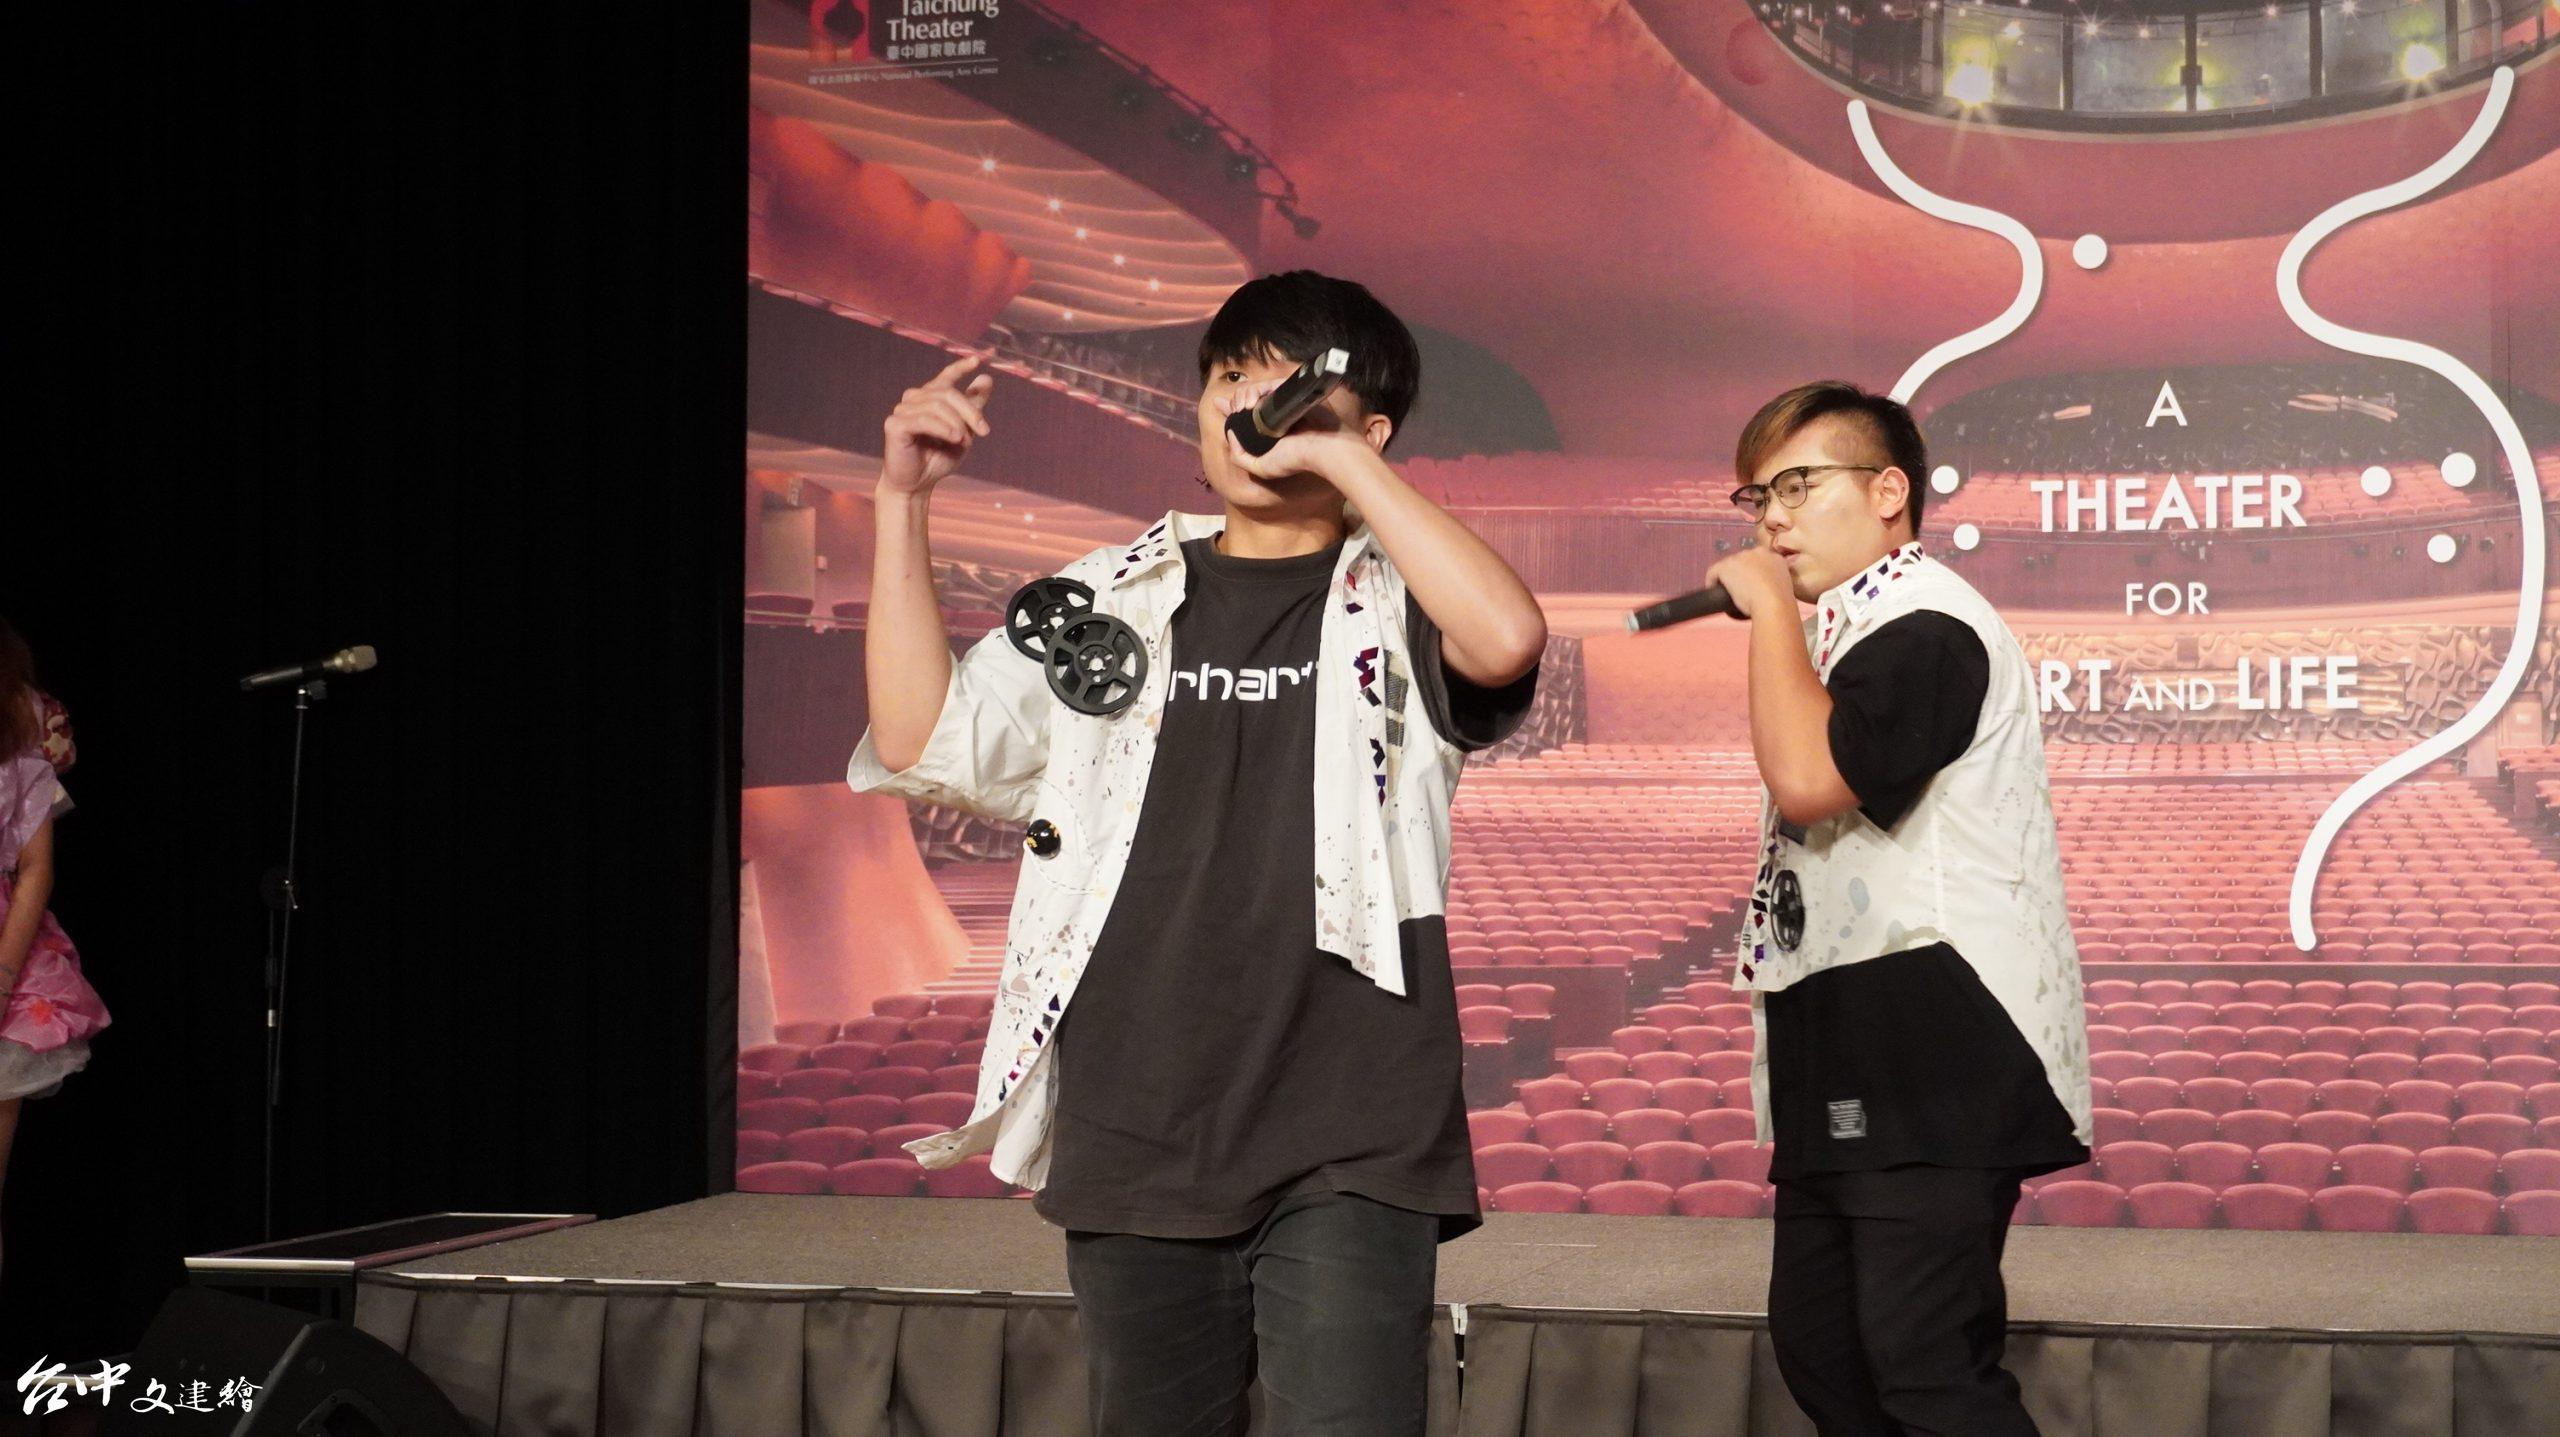 逢甲大學結合 AR 的新創舞台作品「流浪漂泊的白馬」。(攝影:謝平平)